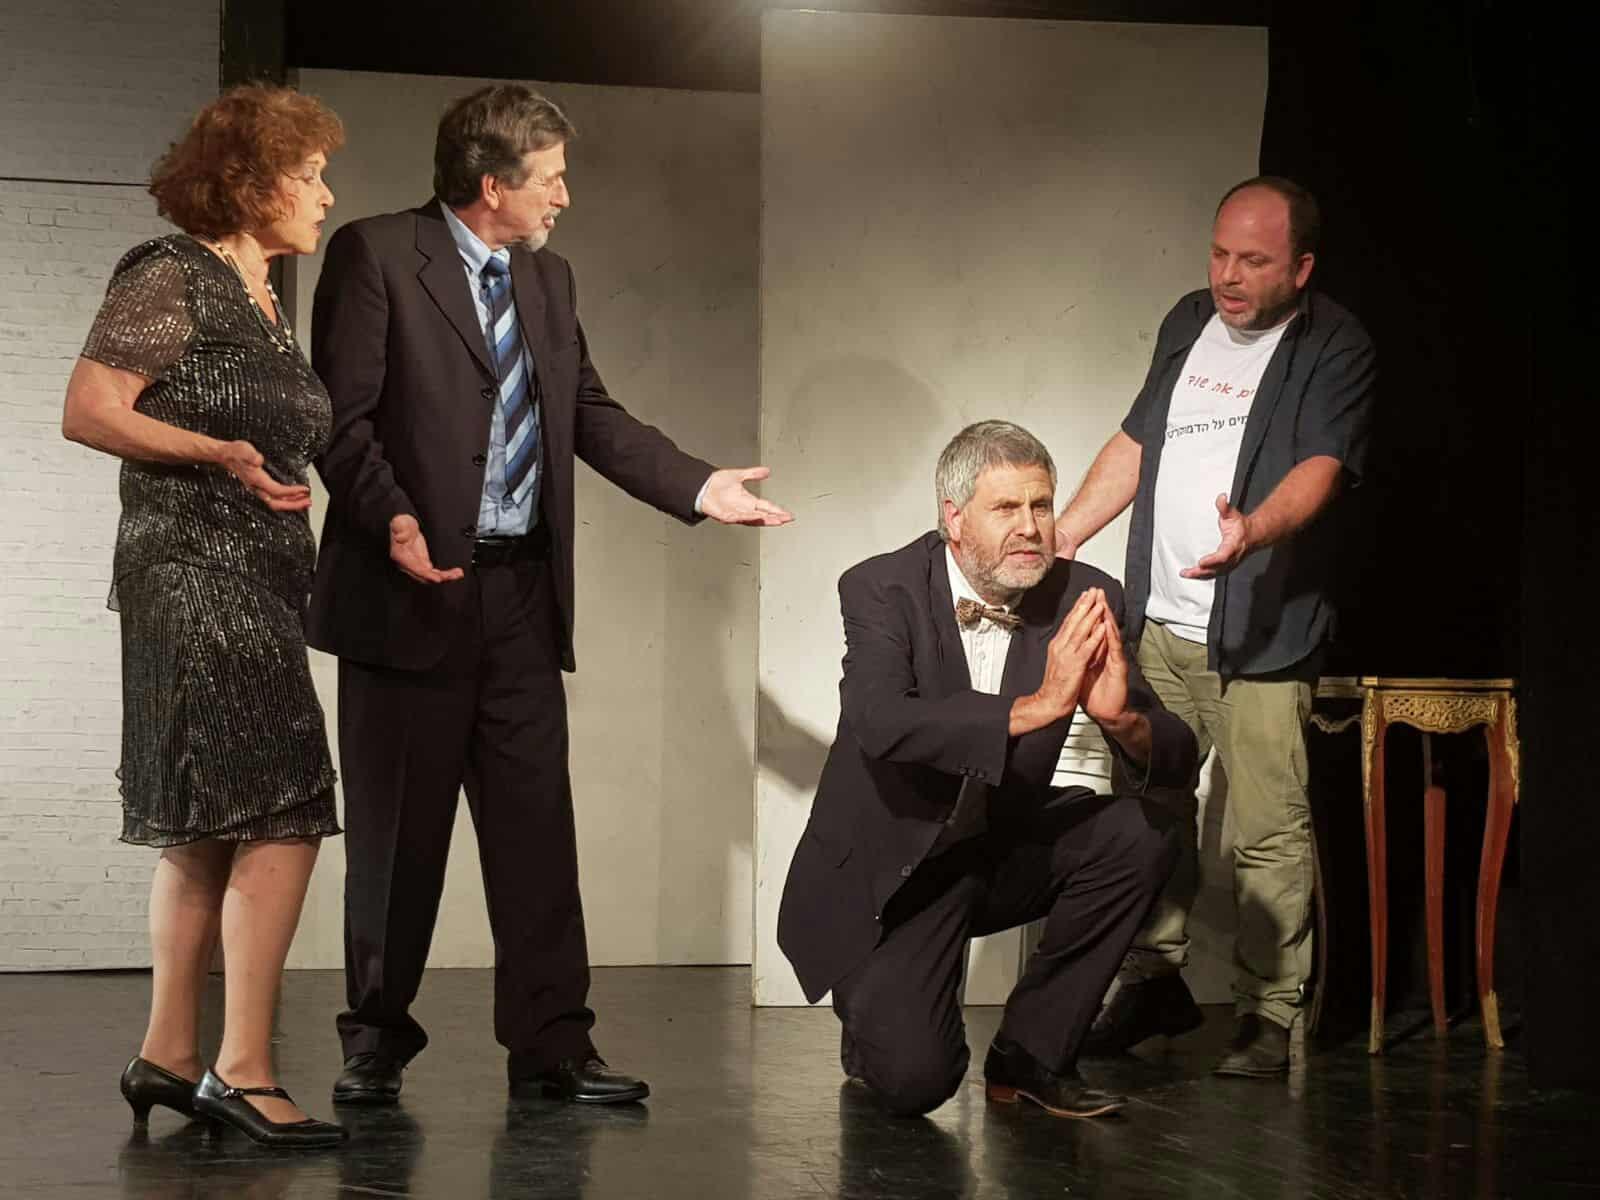 חברי תיאטרון בימתיים על הבמה, צילום באדיבות תיאטרון בימתיים